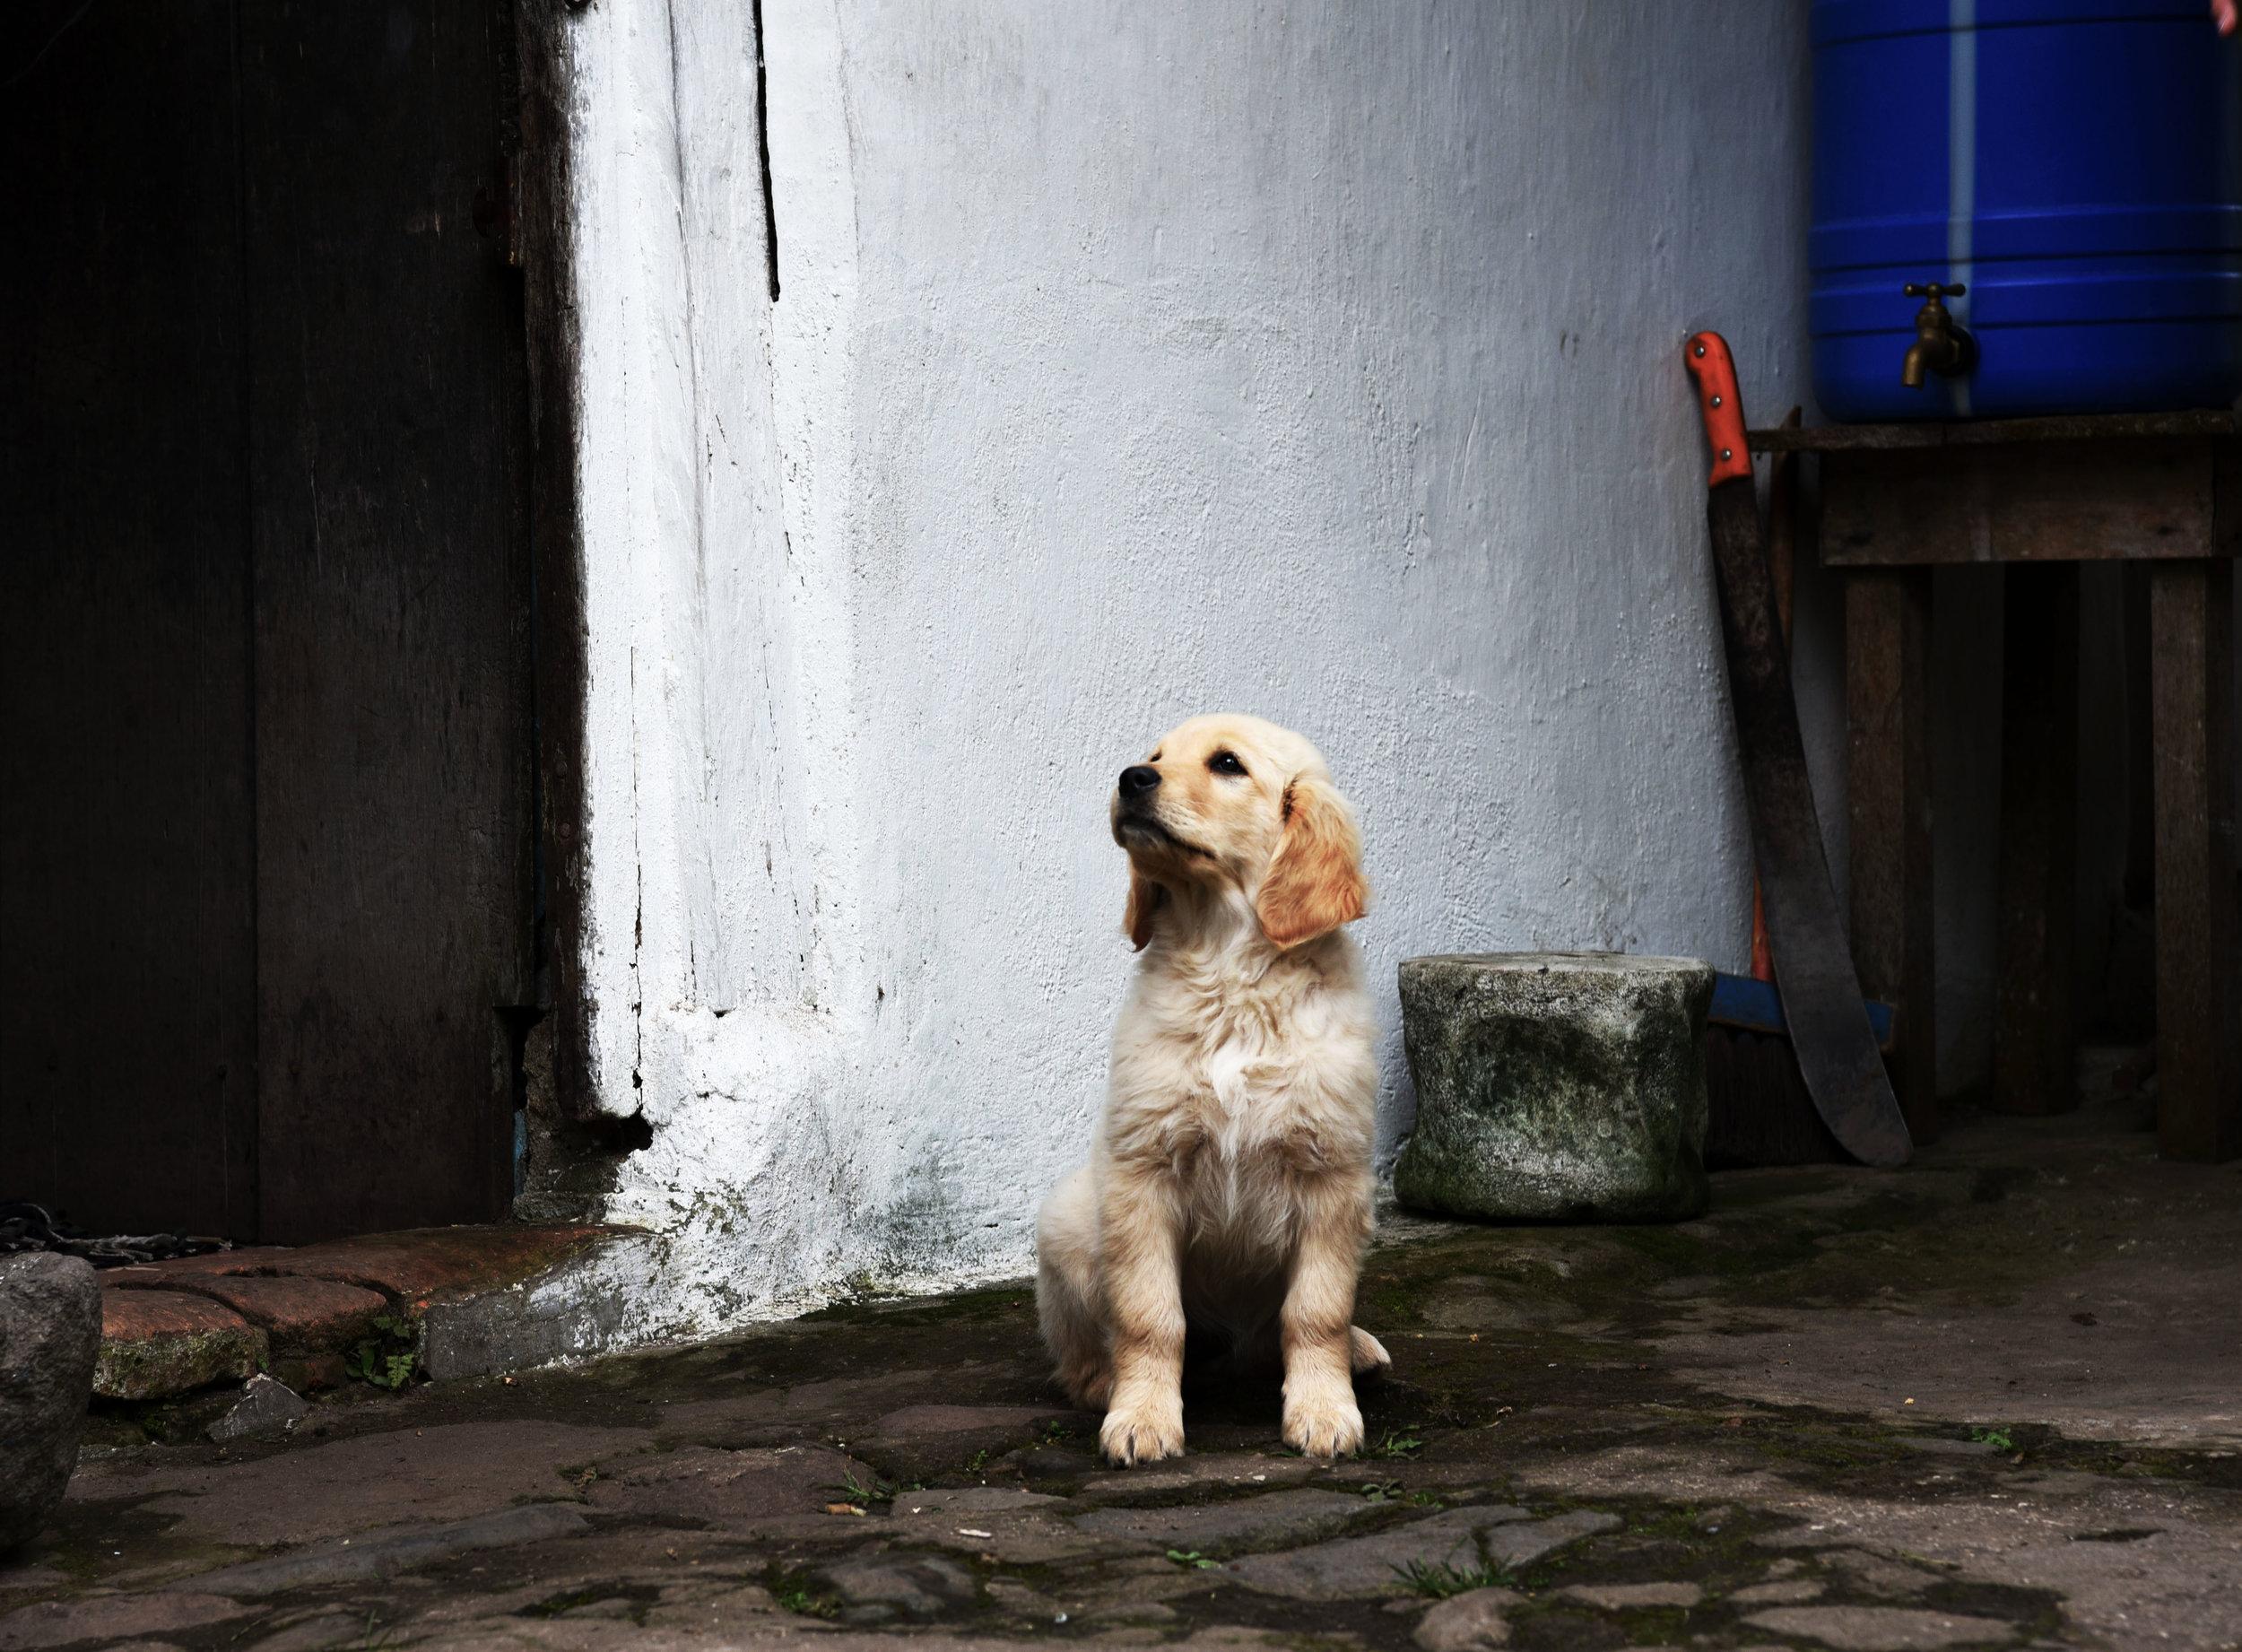 Cachorro del Bosque Nublado//Puppy of the Cloud Forest